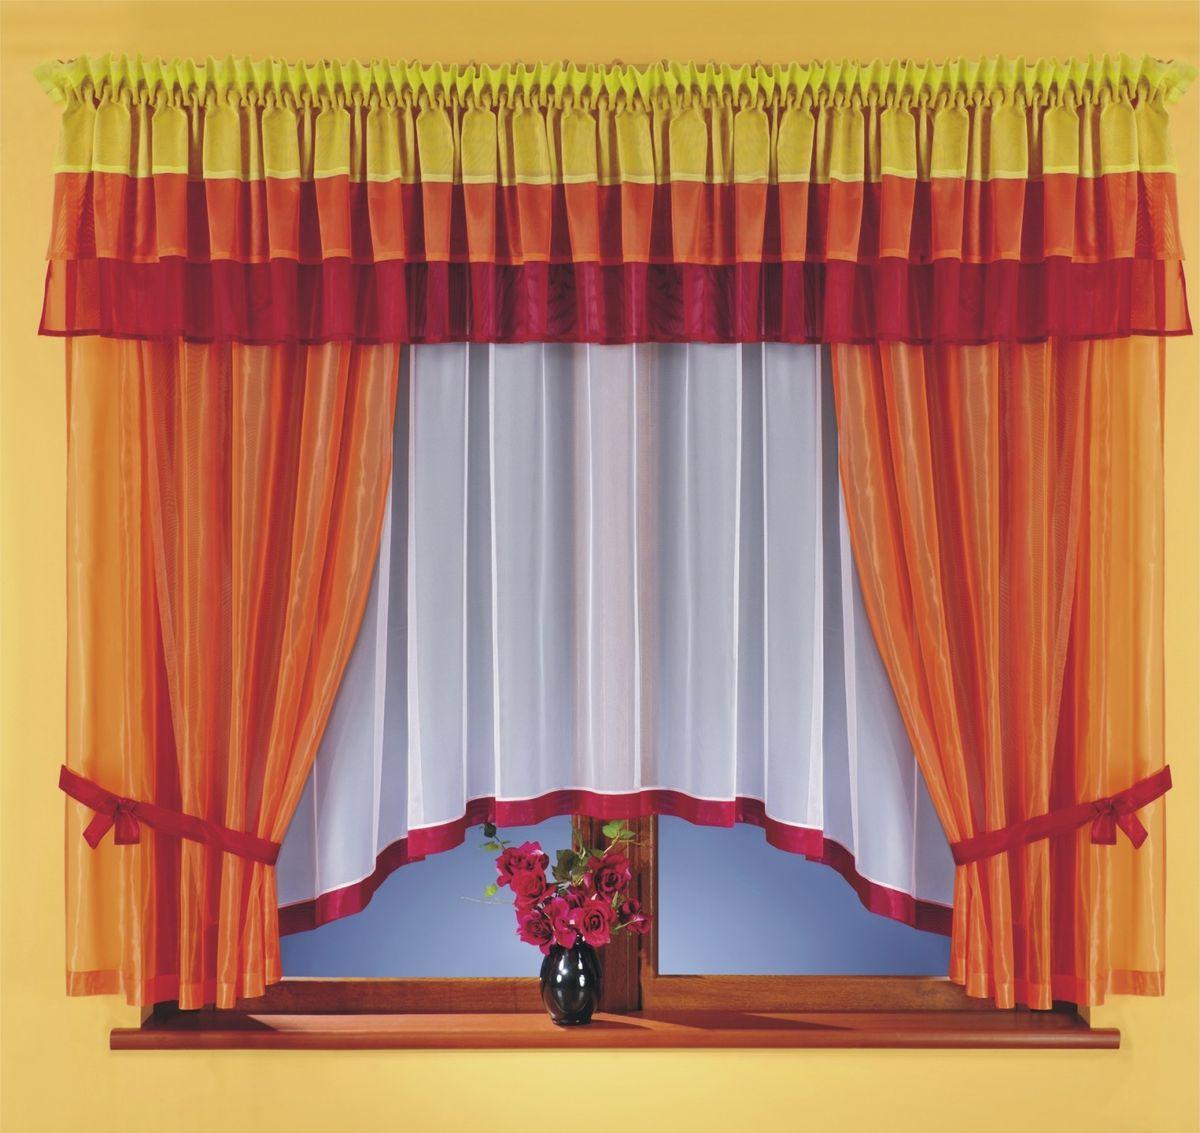 Комплект штор WISAN 400*170+140*170*2+500*50. 5761100-49000000-60Комплект штор WISAN 400*170+140*170*2+500*50. 5761Материал: 100% п/э, размер: 400*170+140*170*2+500*50, цвет: оранжевый